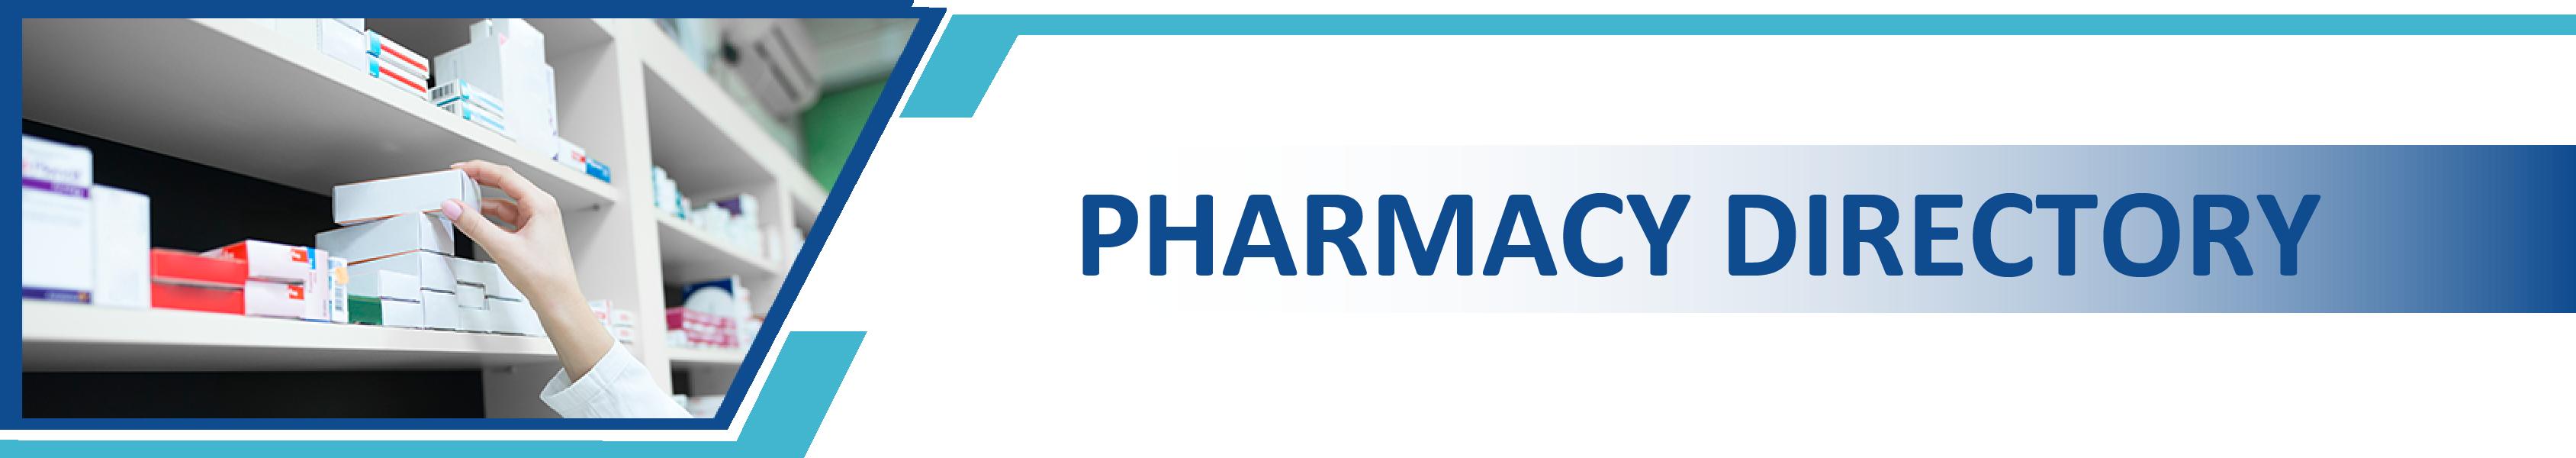 CAIPA - Pharmacy Directory